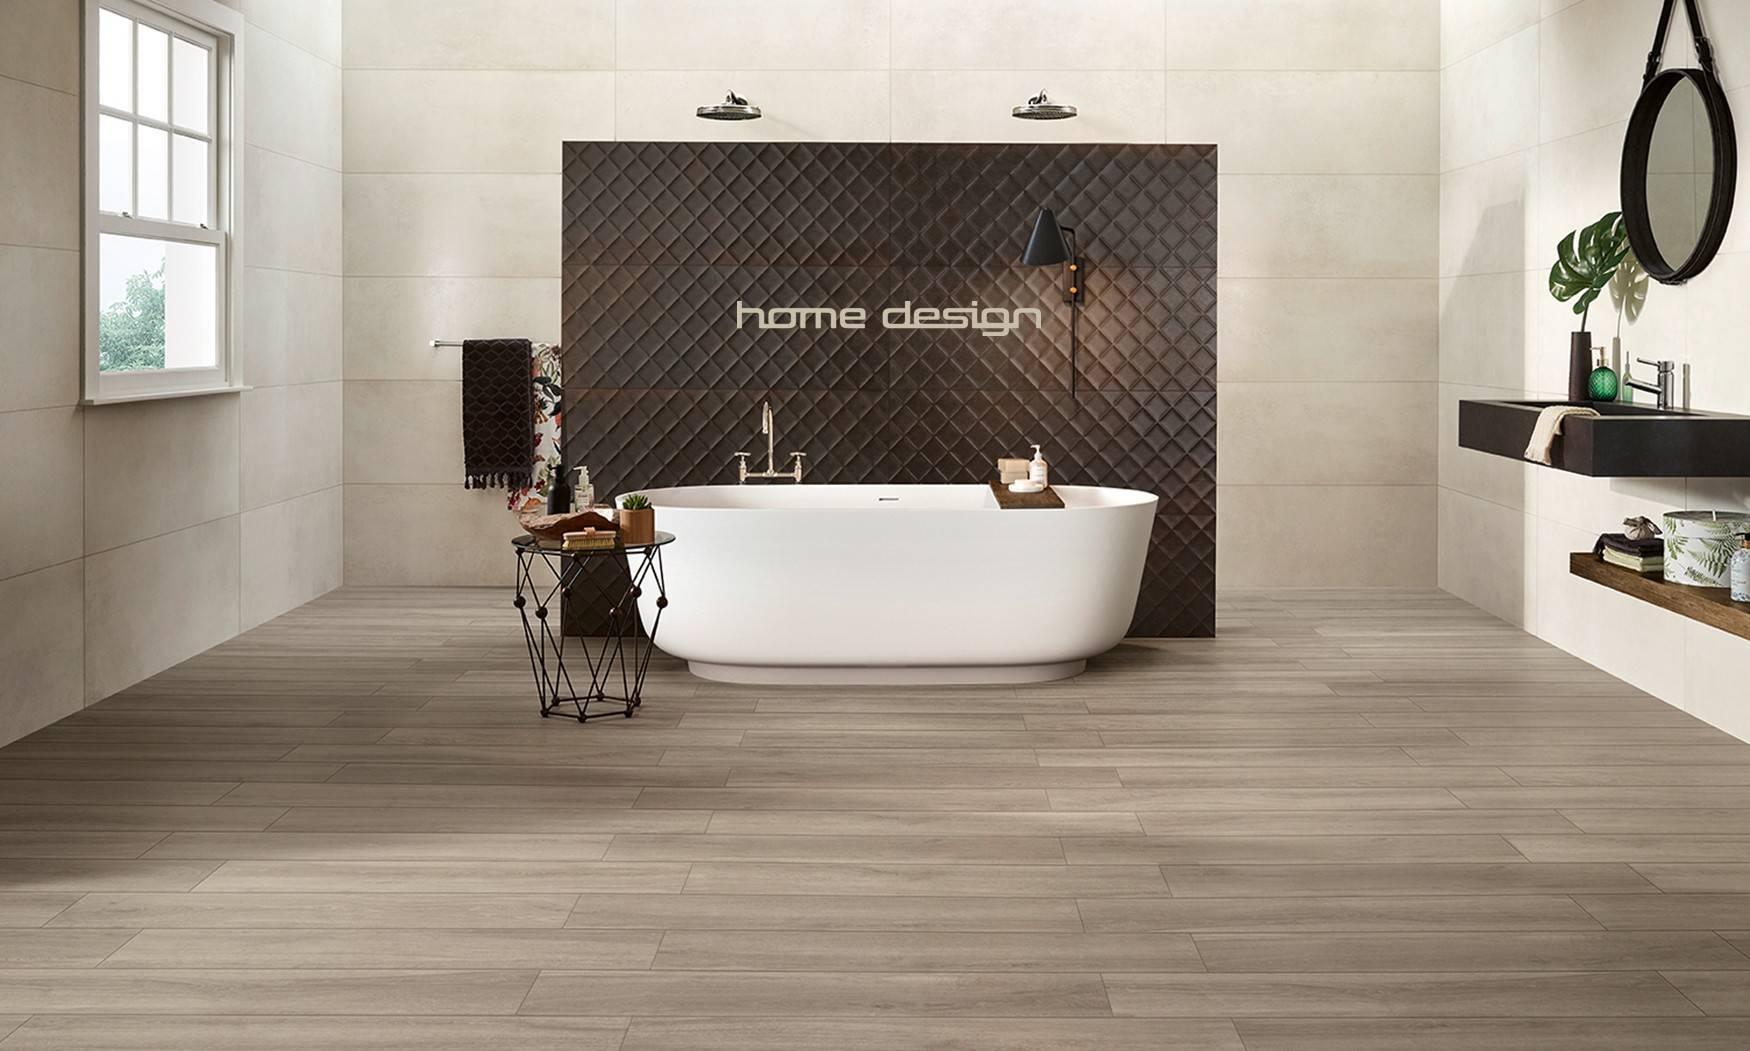 Home Design - Votre spécialiste carrelage à Estrablin (18)